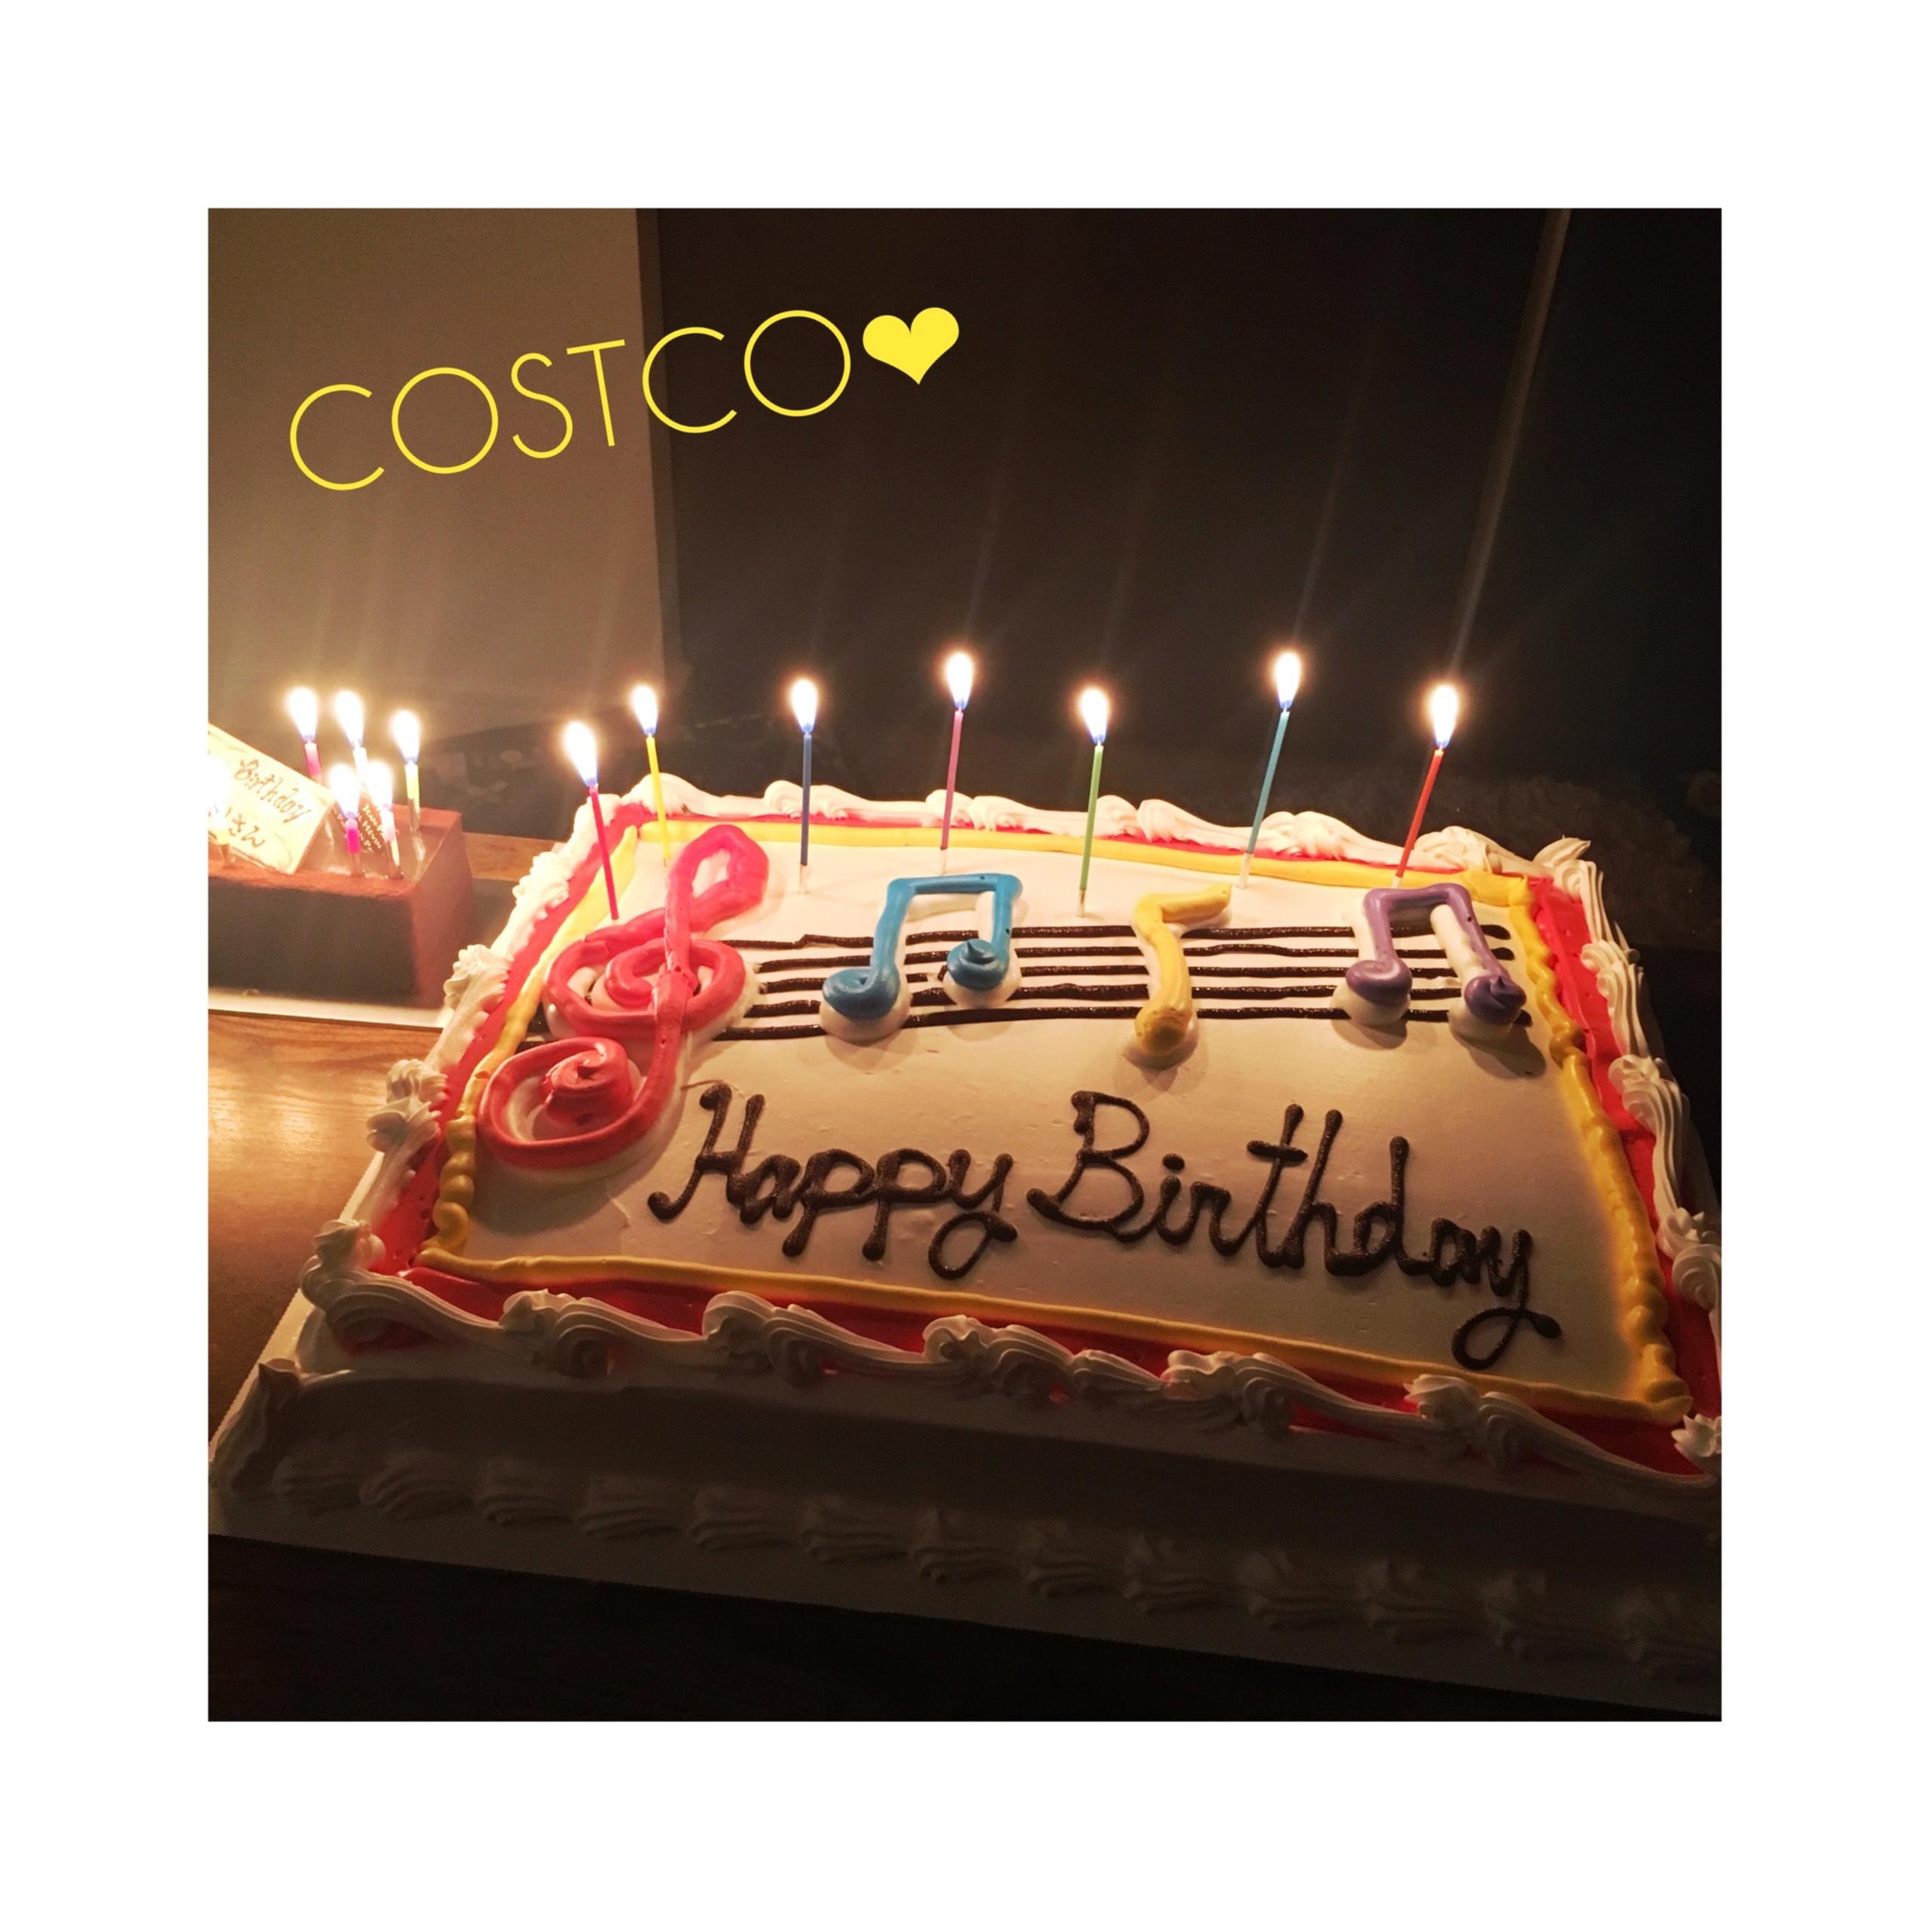 《インパクト大!★》【コストコ】の特大ケーキで誕生日のお祝いをしました❤️_1